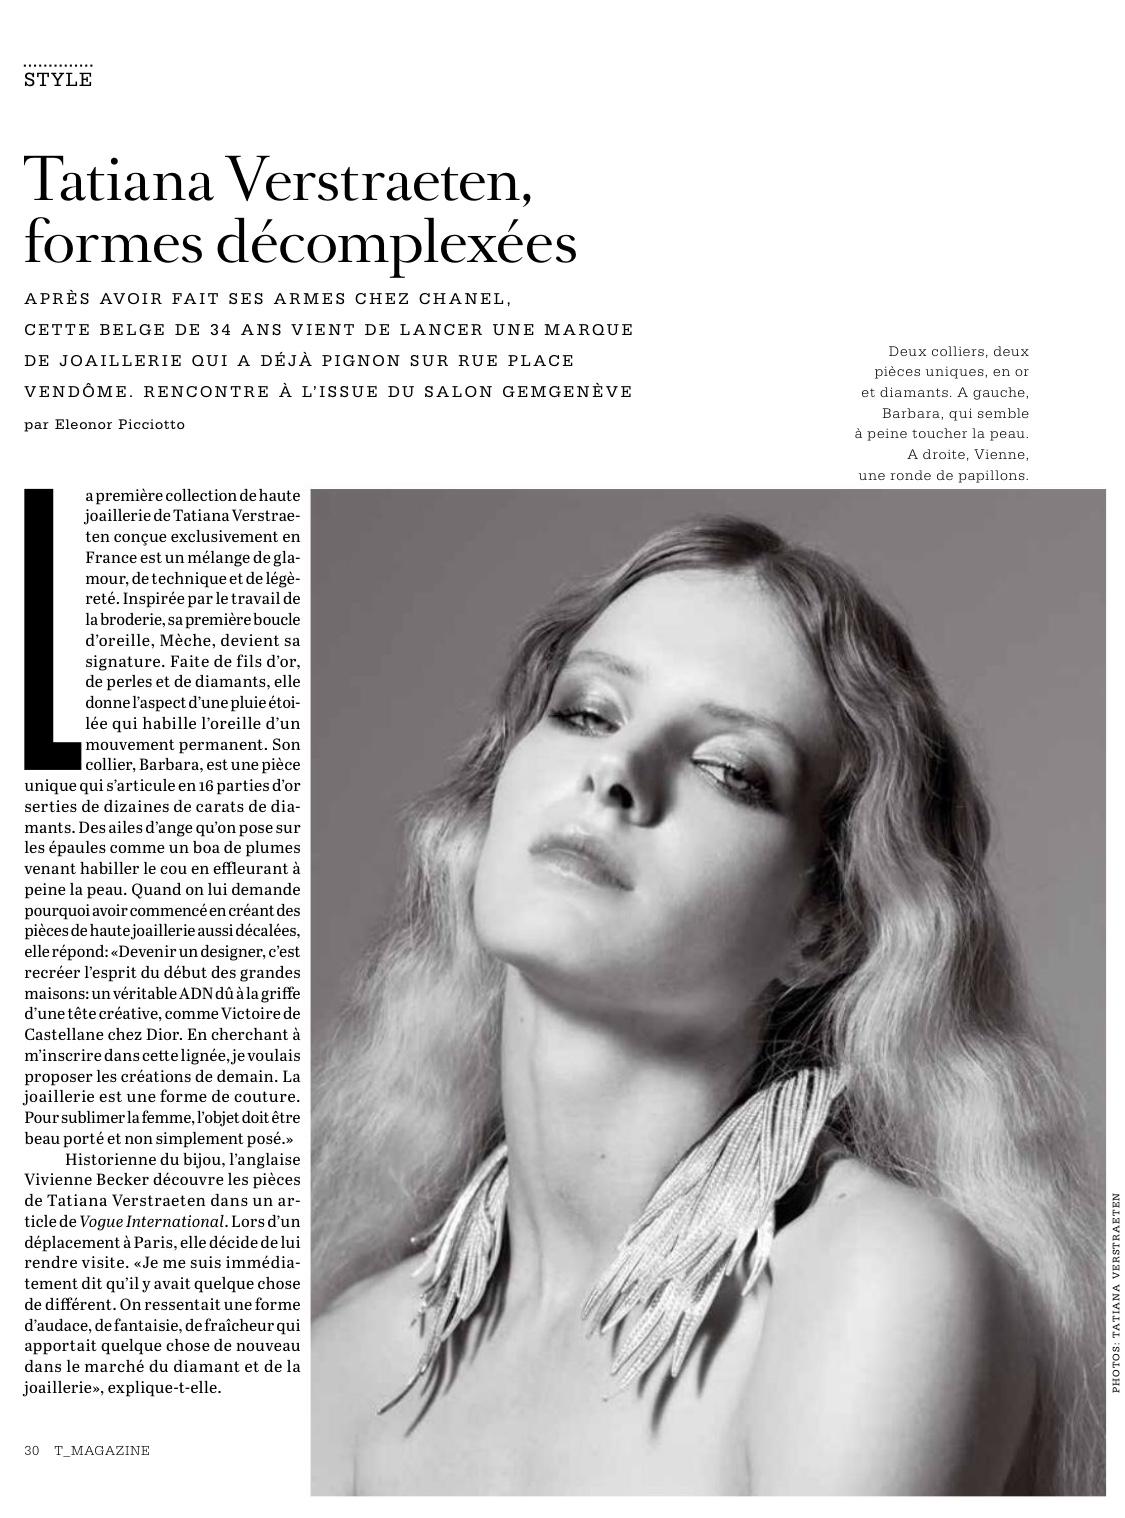 LE TEMPS -06.2019